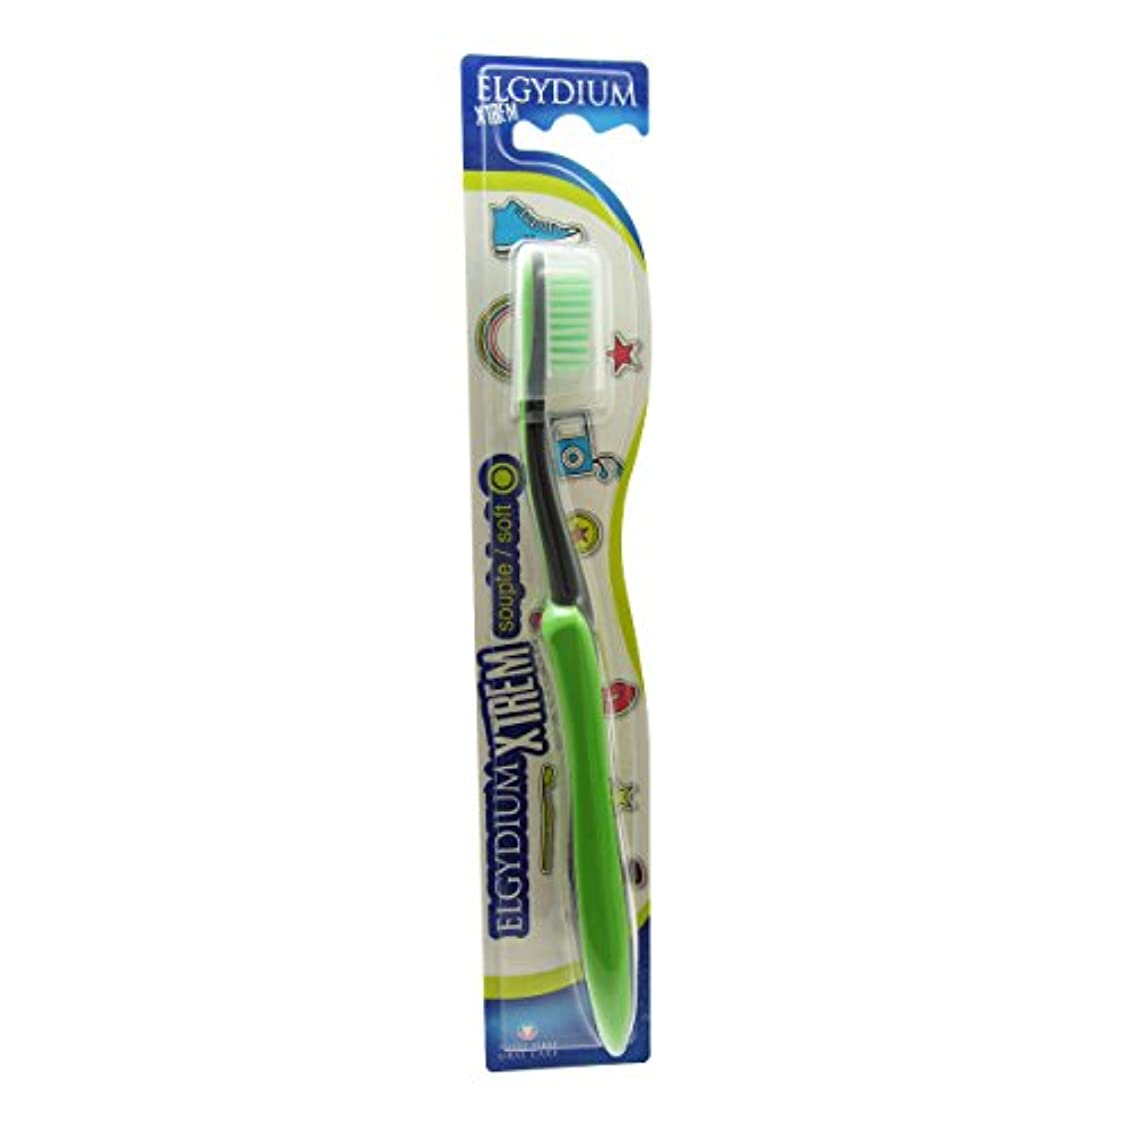 一貫した良心的敬意Elgydium Xtrem Toothbrush Soft Hardness [並行輸入品]